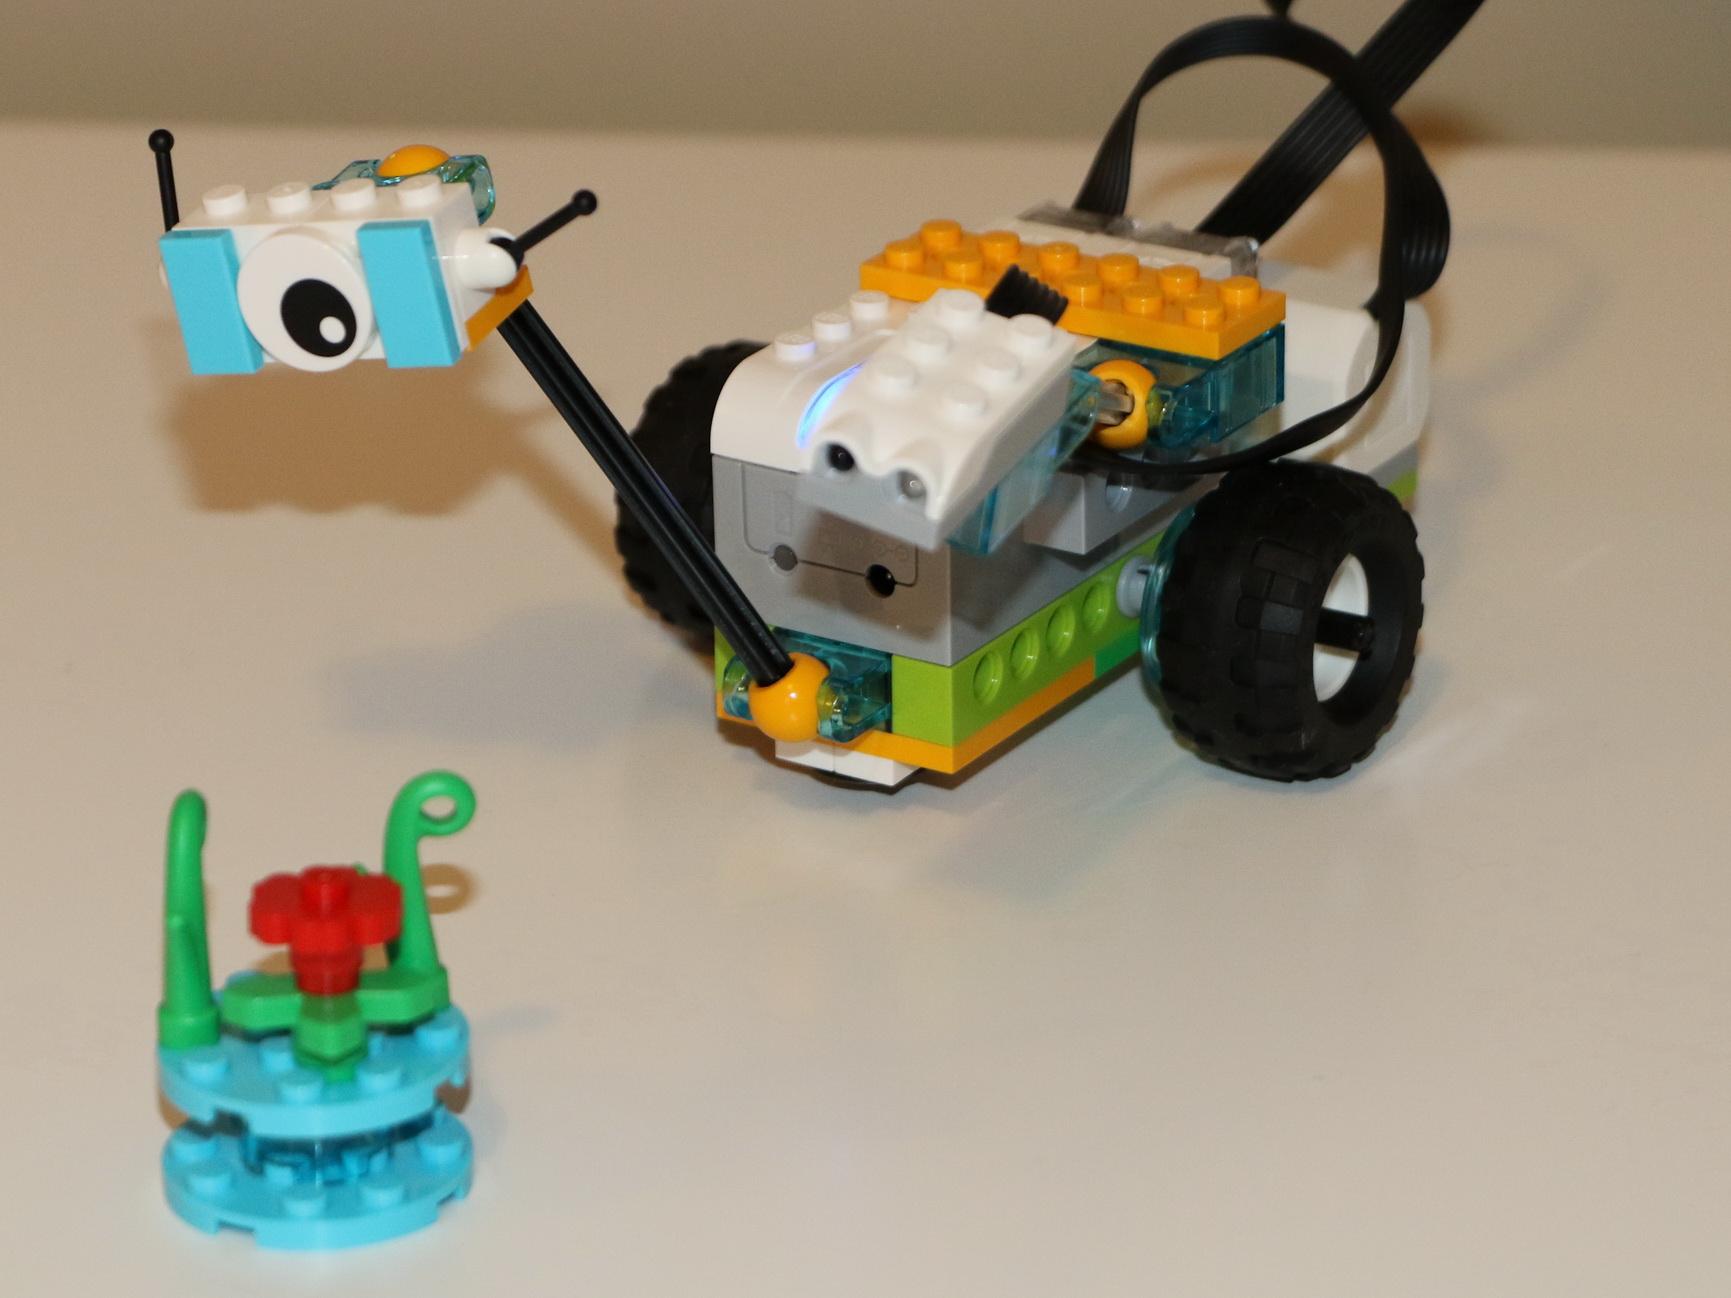 A Robot that we make in Beta Botz